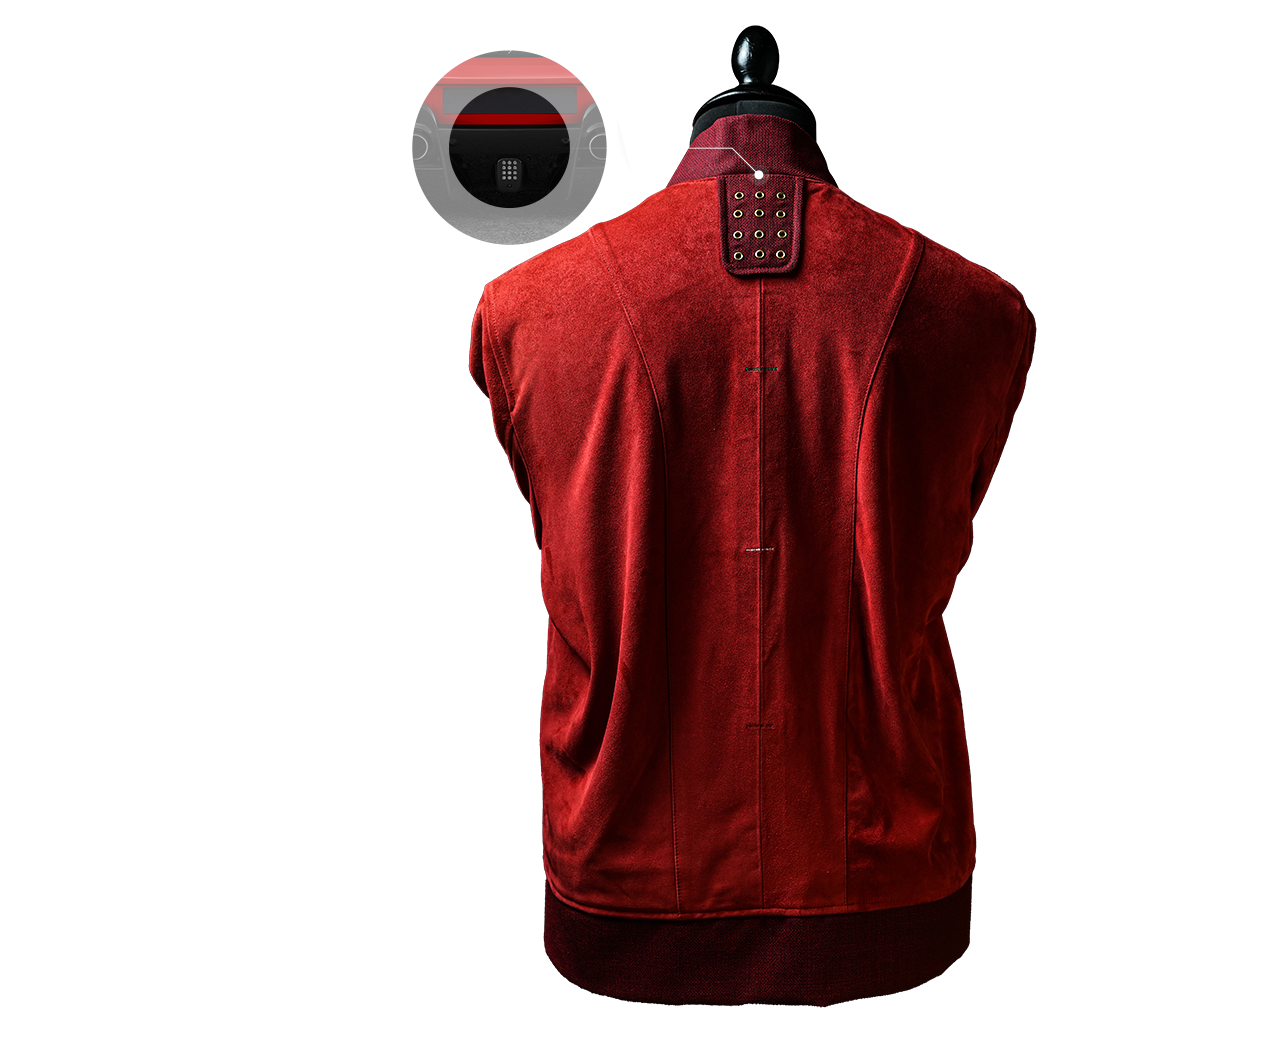 FP720 - For men